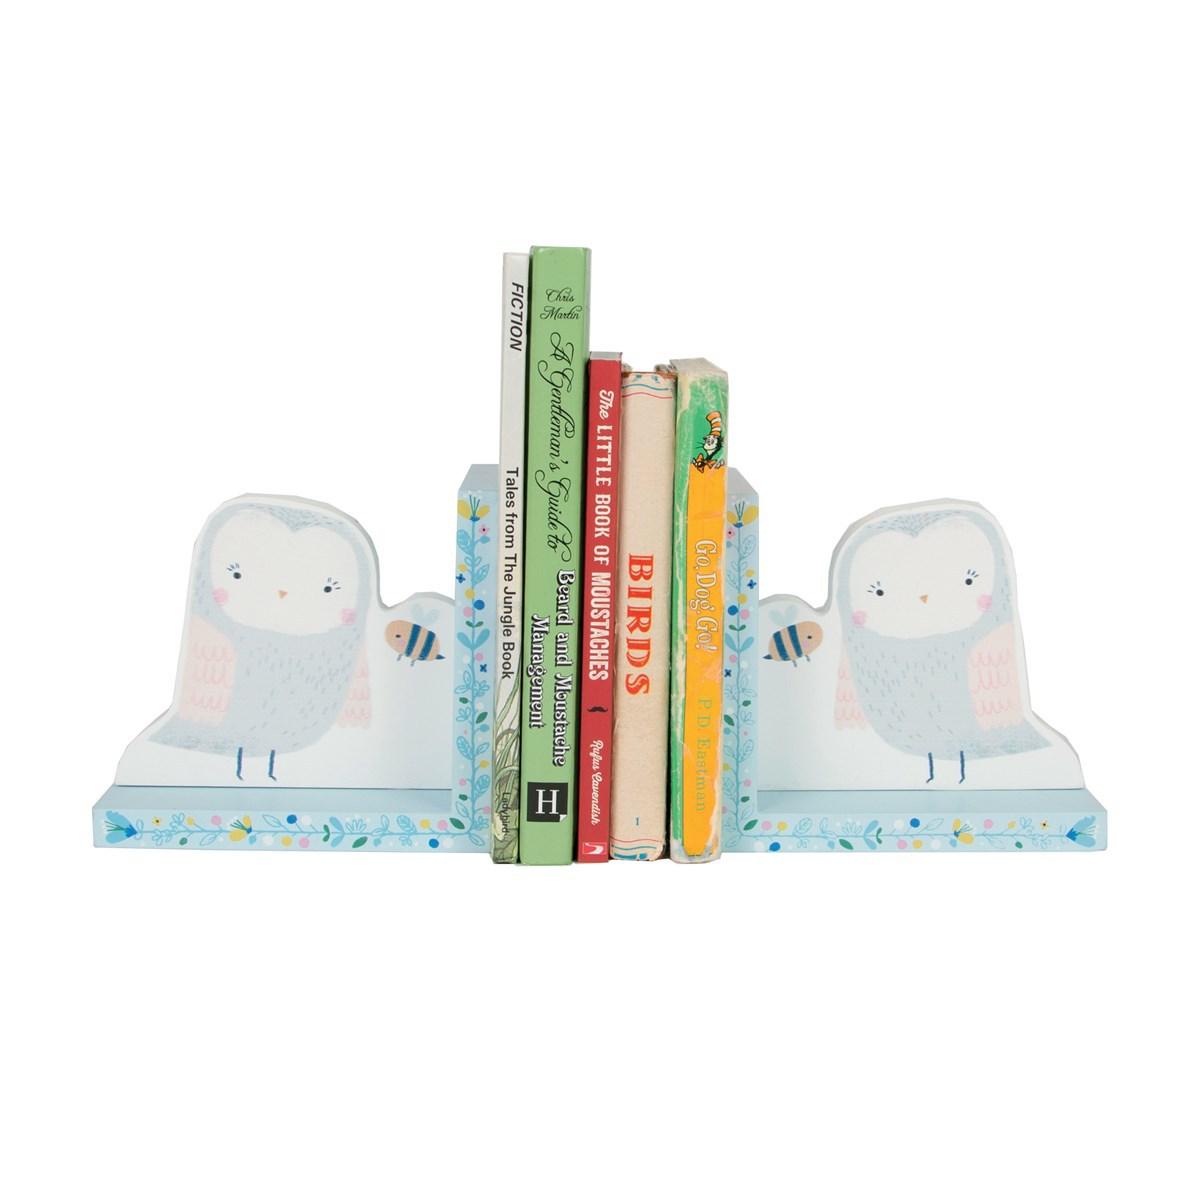 serre livres chouette woodland friends heart347 achat vente livre carte sur. Black Bedroom Furniture Sets. Home Design Ideas